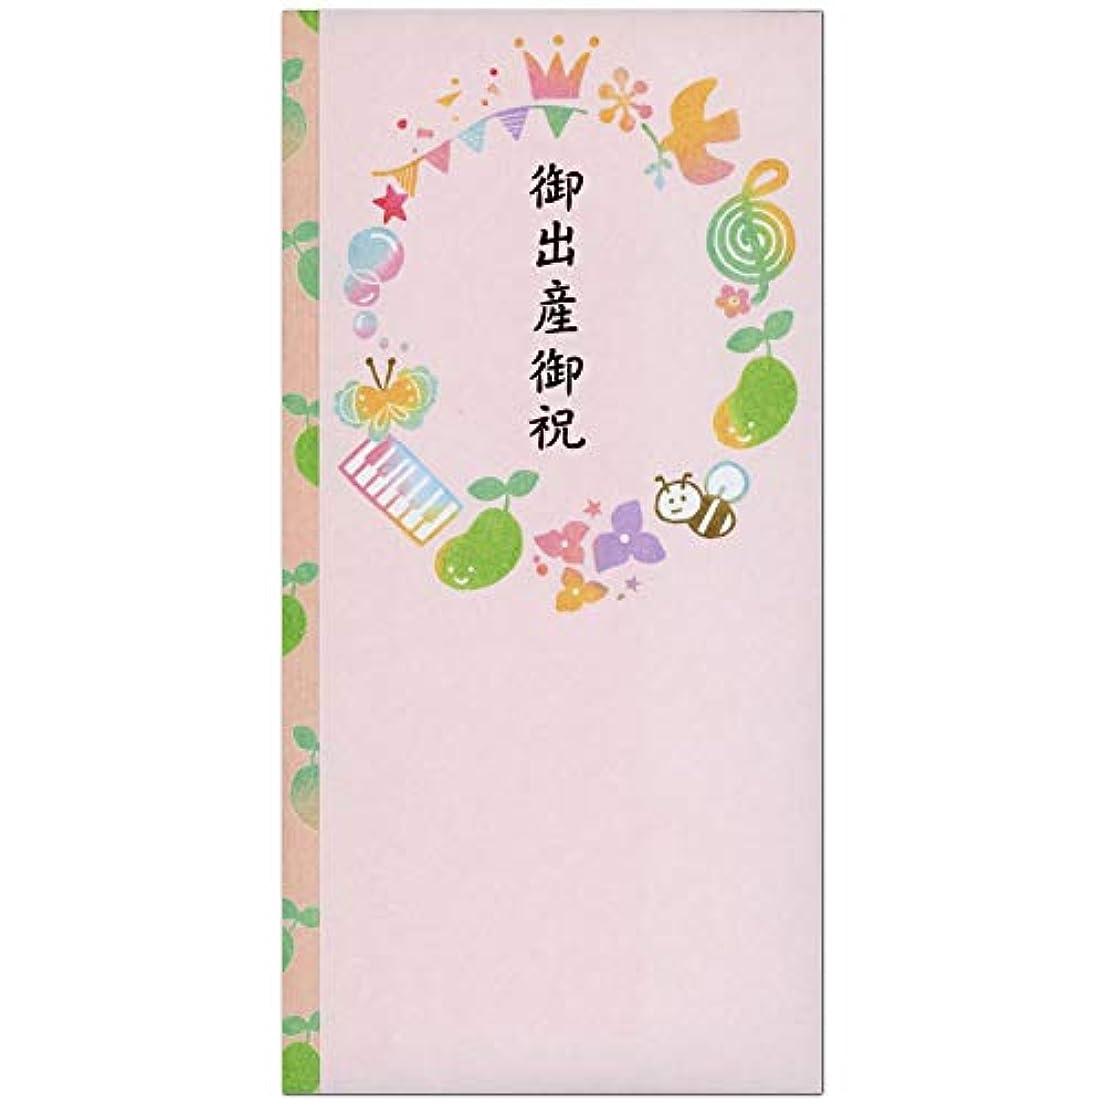 選出する好きセレナフロンティア 祝儀袋 出産祝 はんこ新芽 SG−183 ピンク